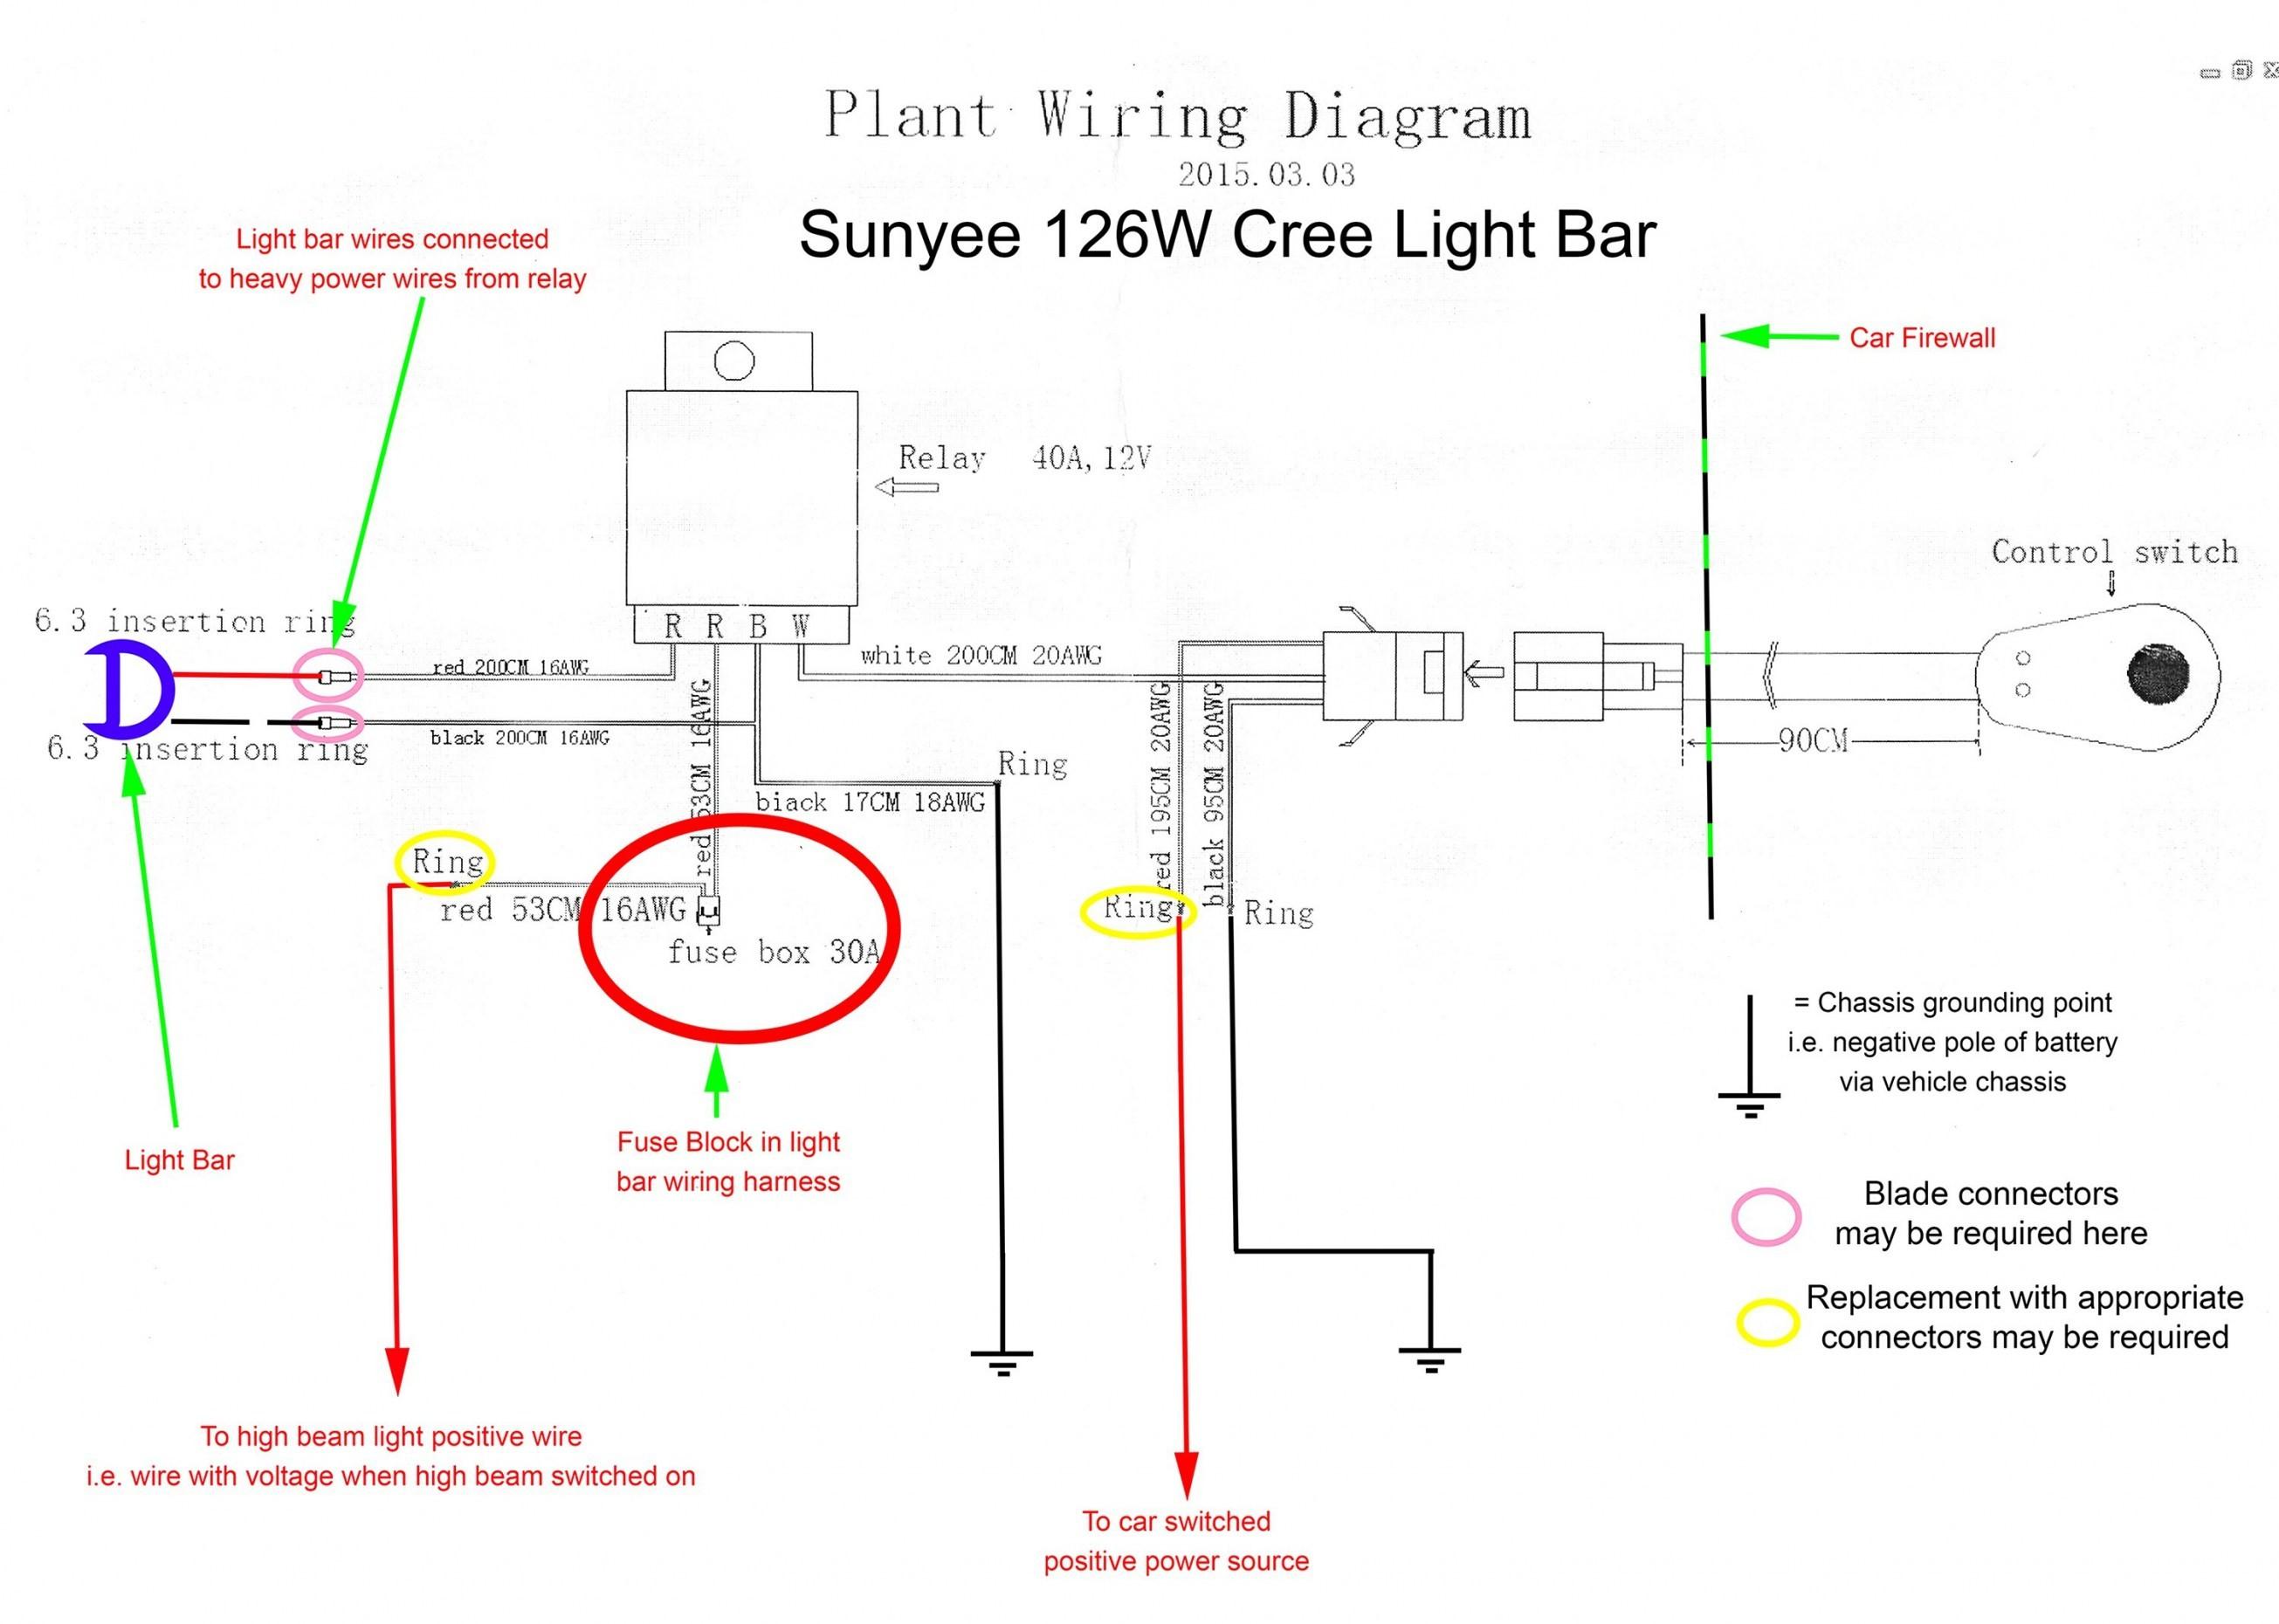 Led Wiring Diagram 3 | Wiring Diagram on